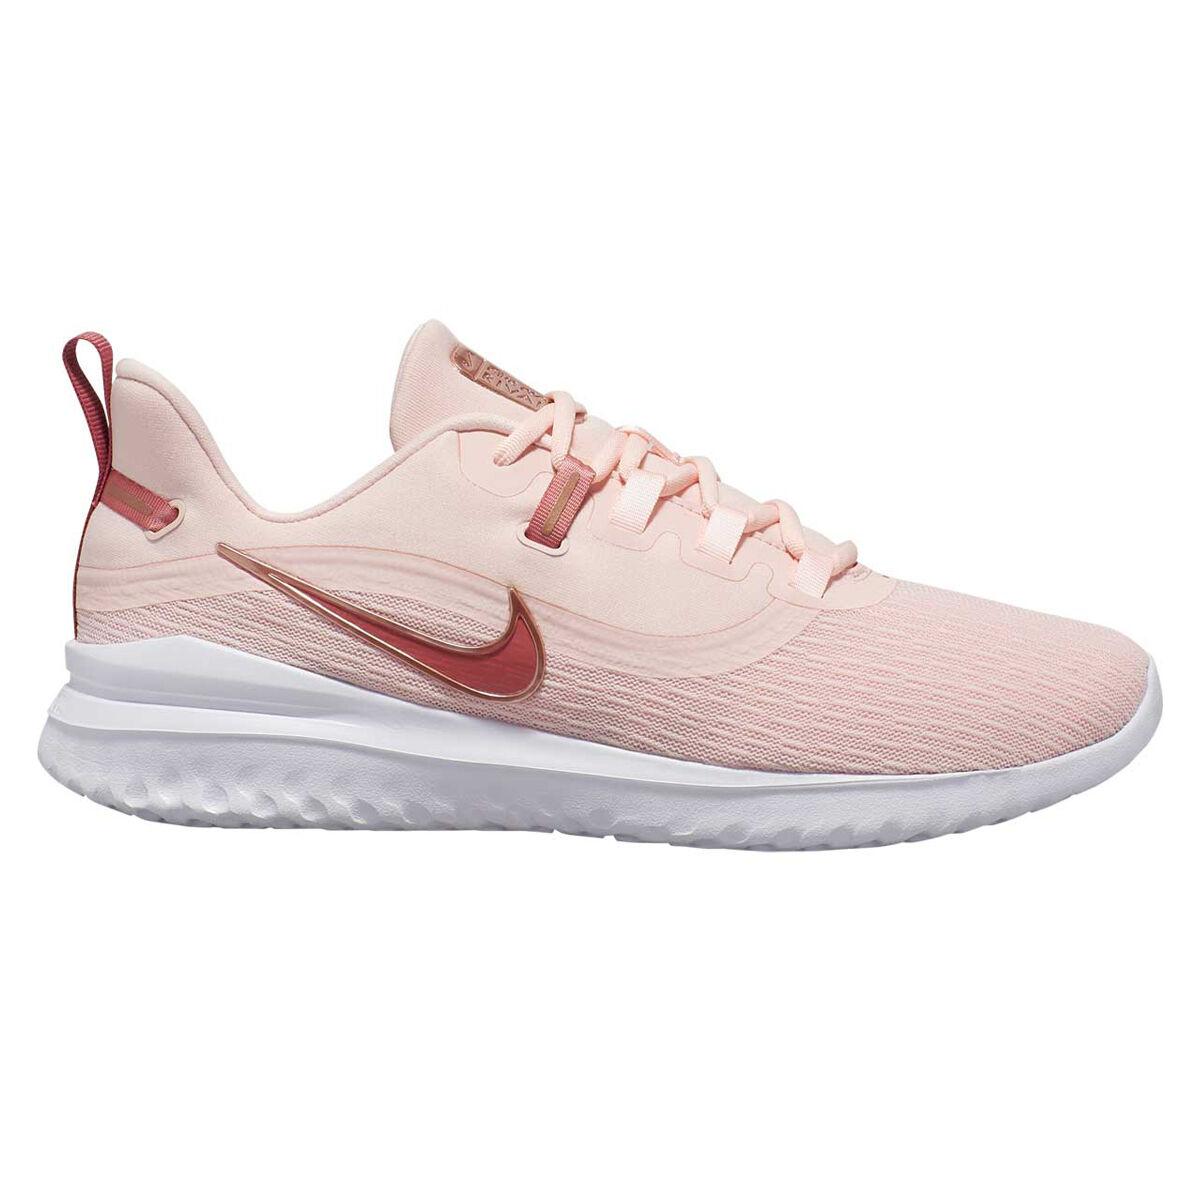 Nike Renew Rival Women's Running Shoe.